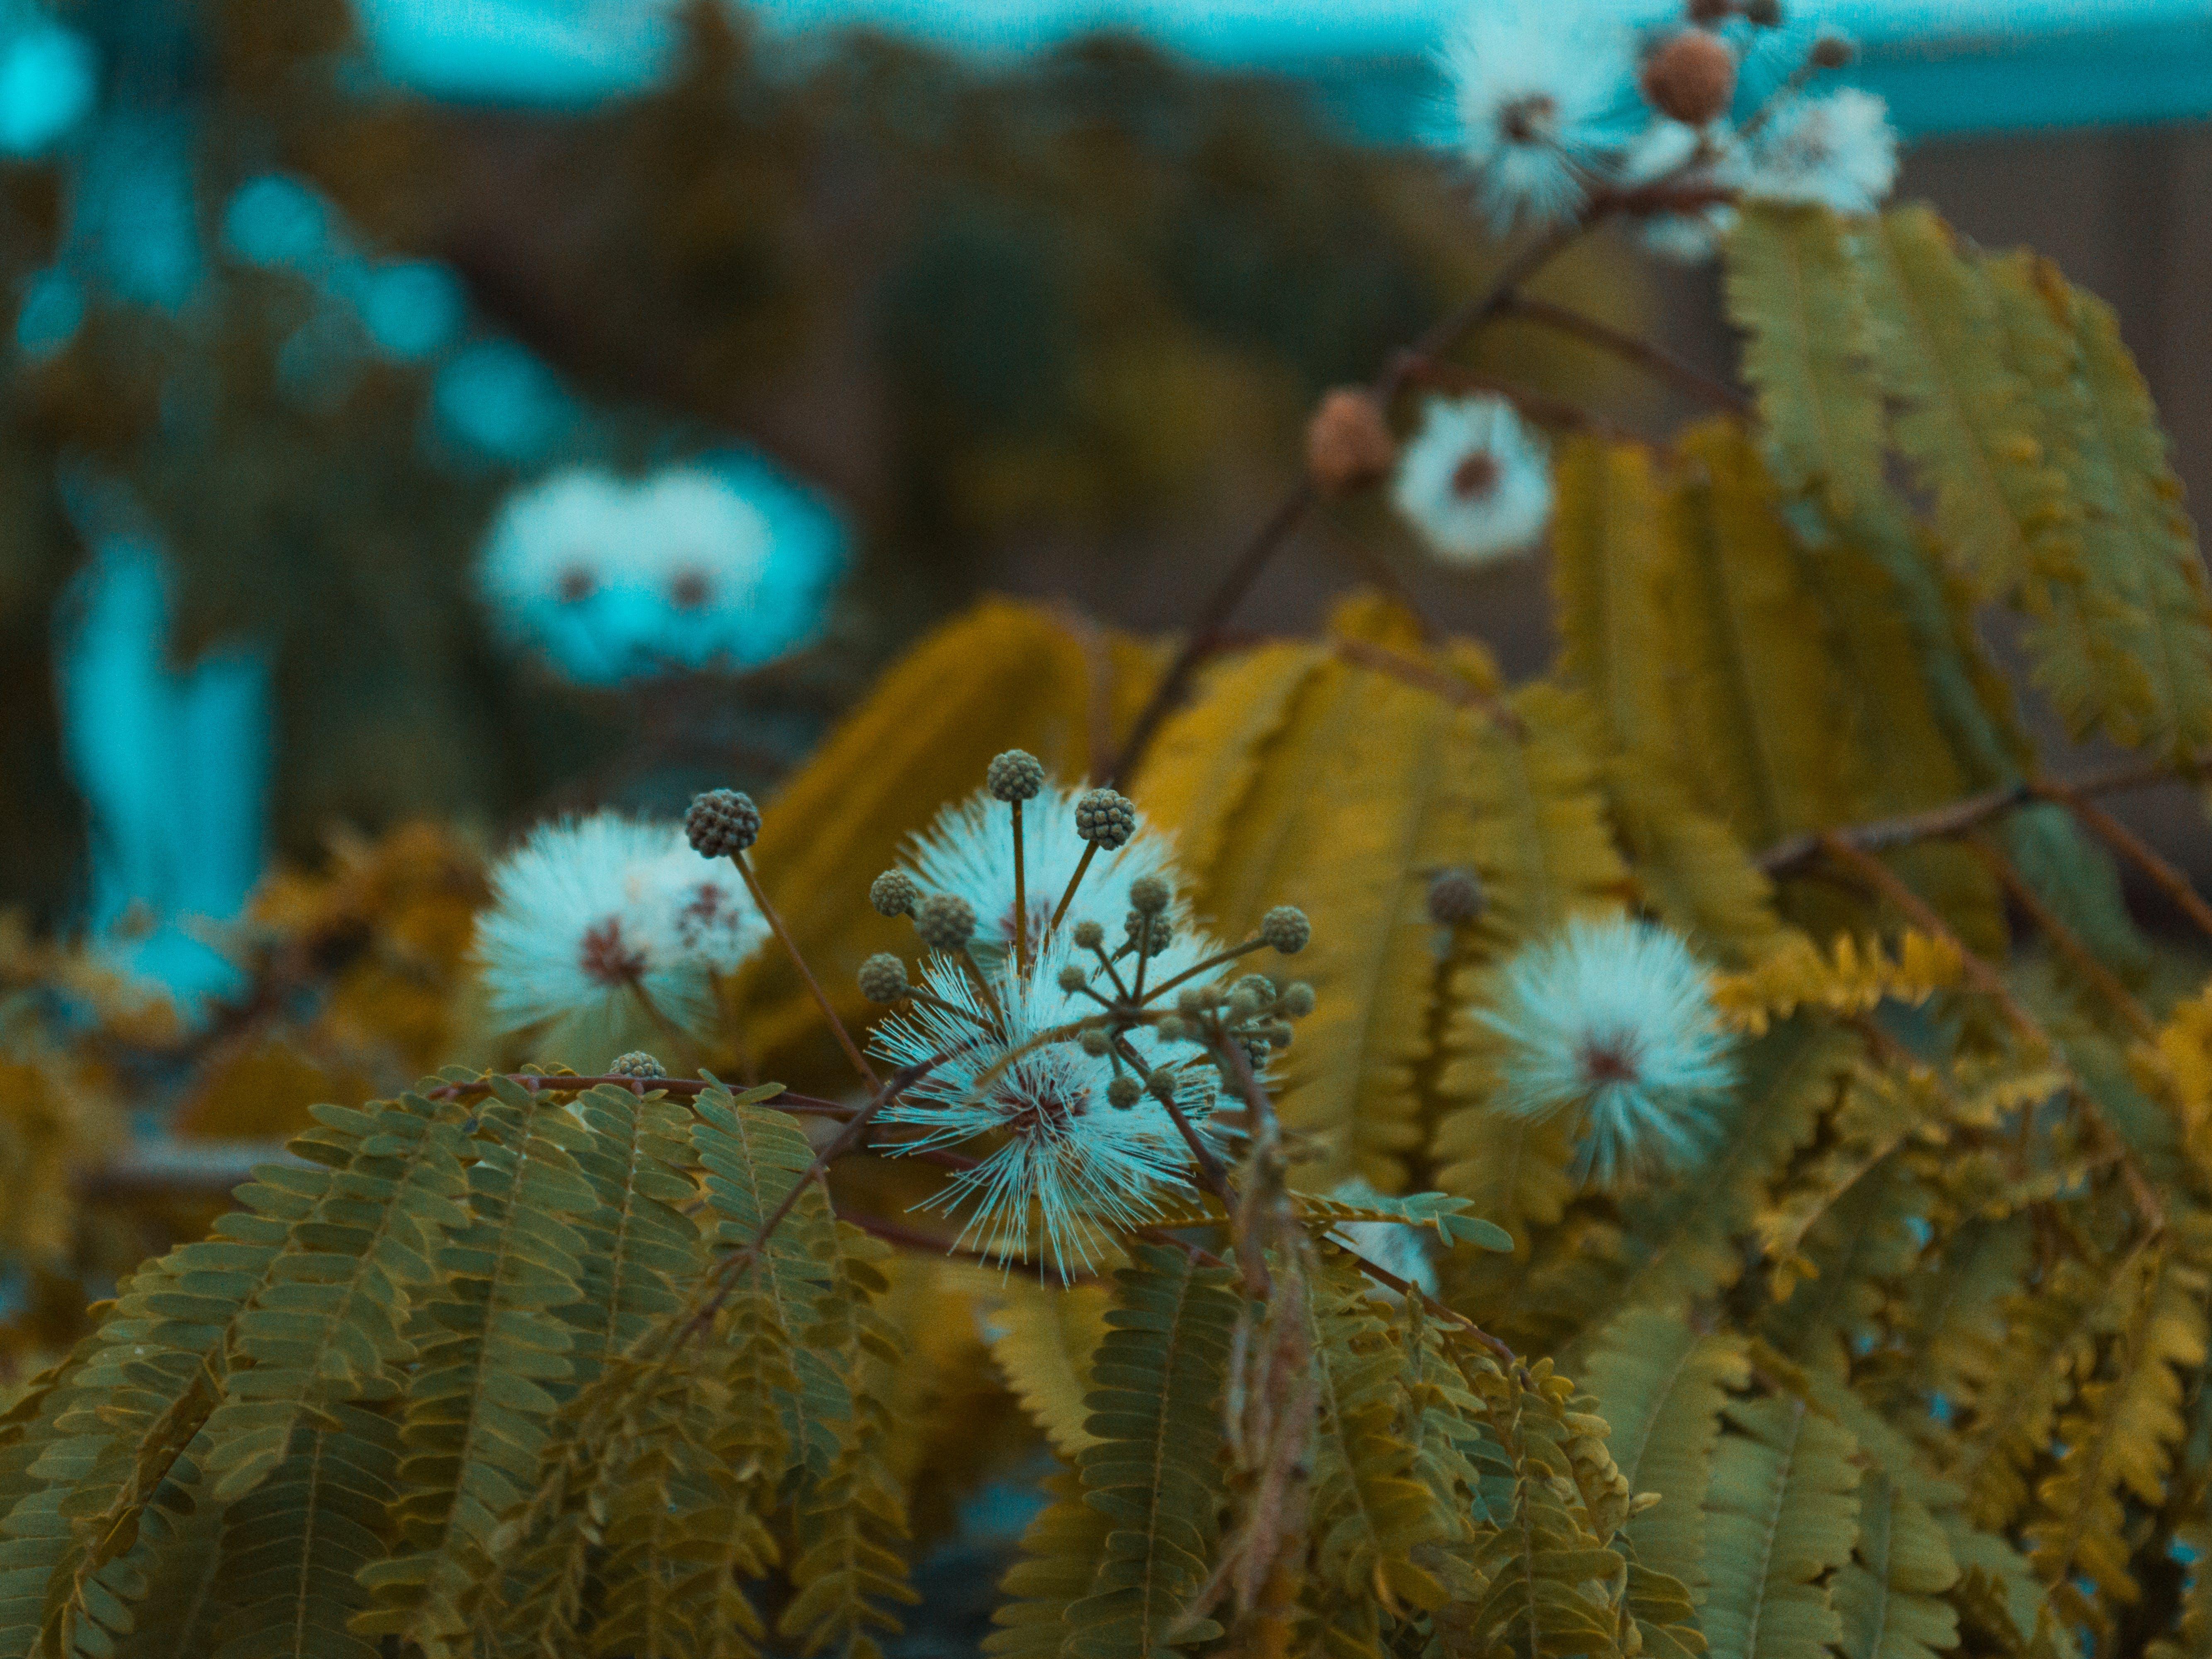 Δωρεάν στοκ φωτογραφιών με macro, nikon, μακροφωτογράφιση, φύση